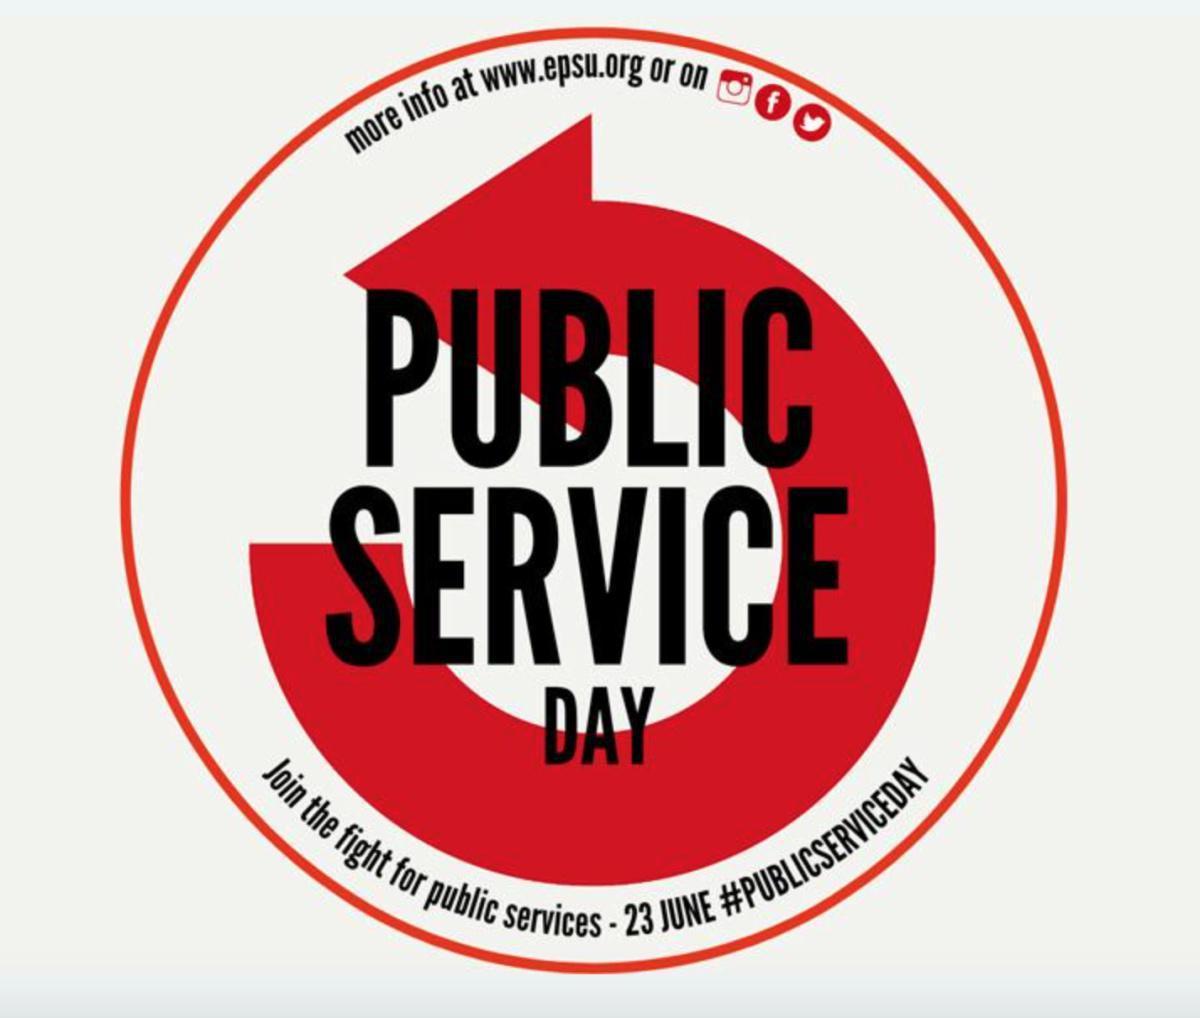 Valoriser les services publics, valoriser les travailleurs des services publics !